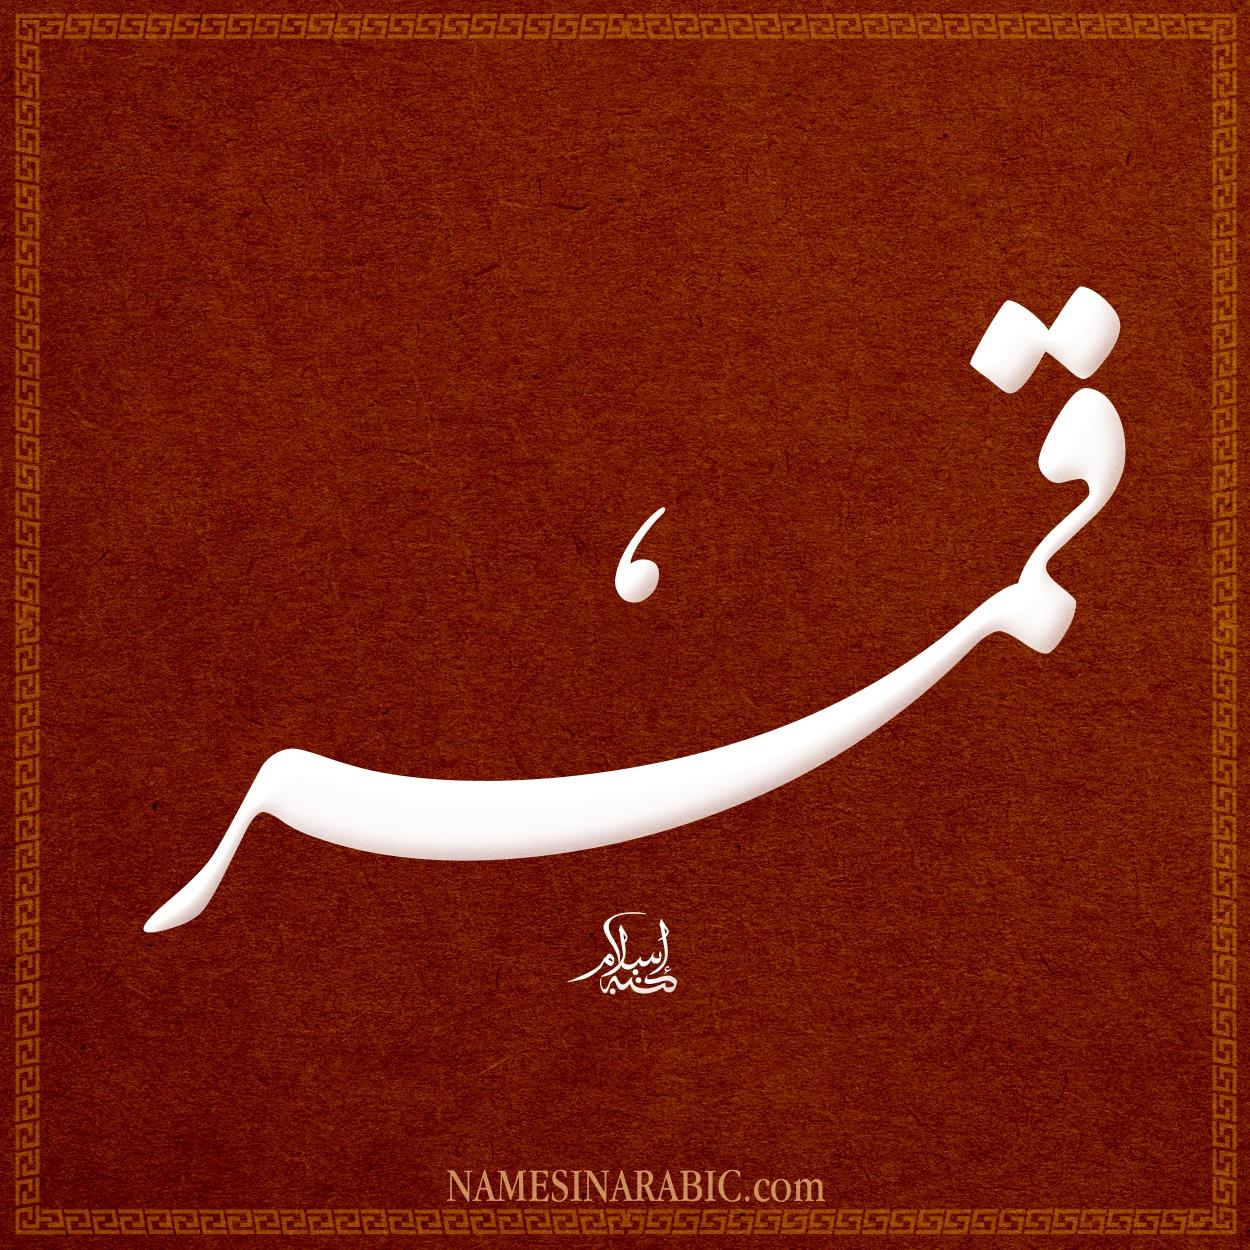 صورة اسم قَمَر Qamar اسم قَمَر بالخط العربي من موقع الأسماء بالخط العربي بريشة الفنان إسلام ابن الفضل